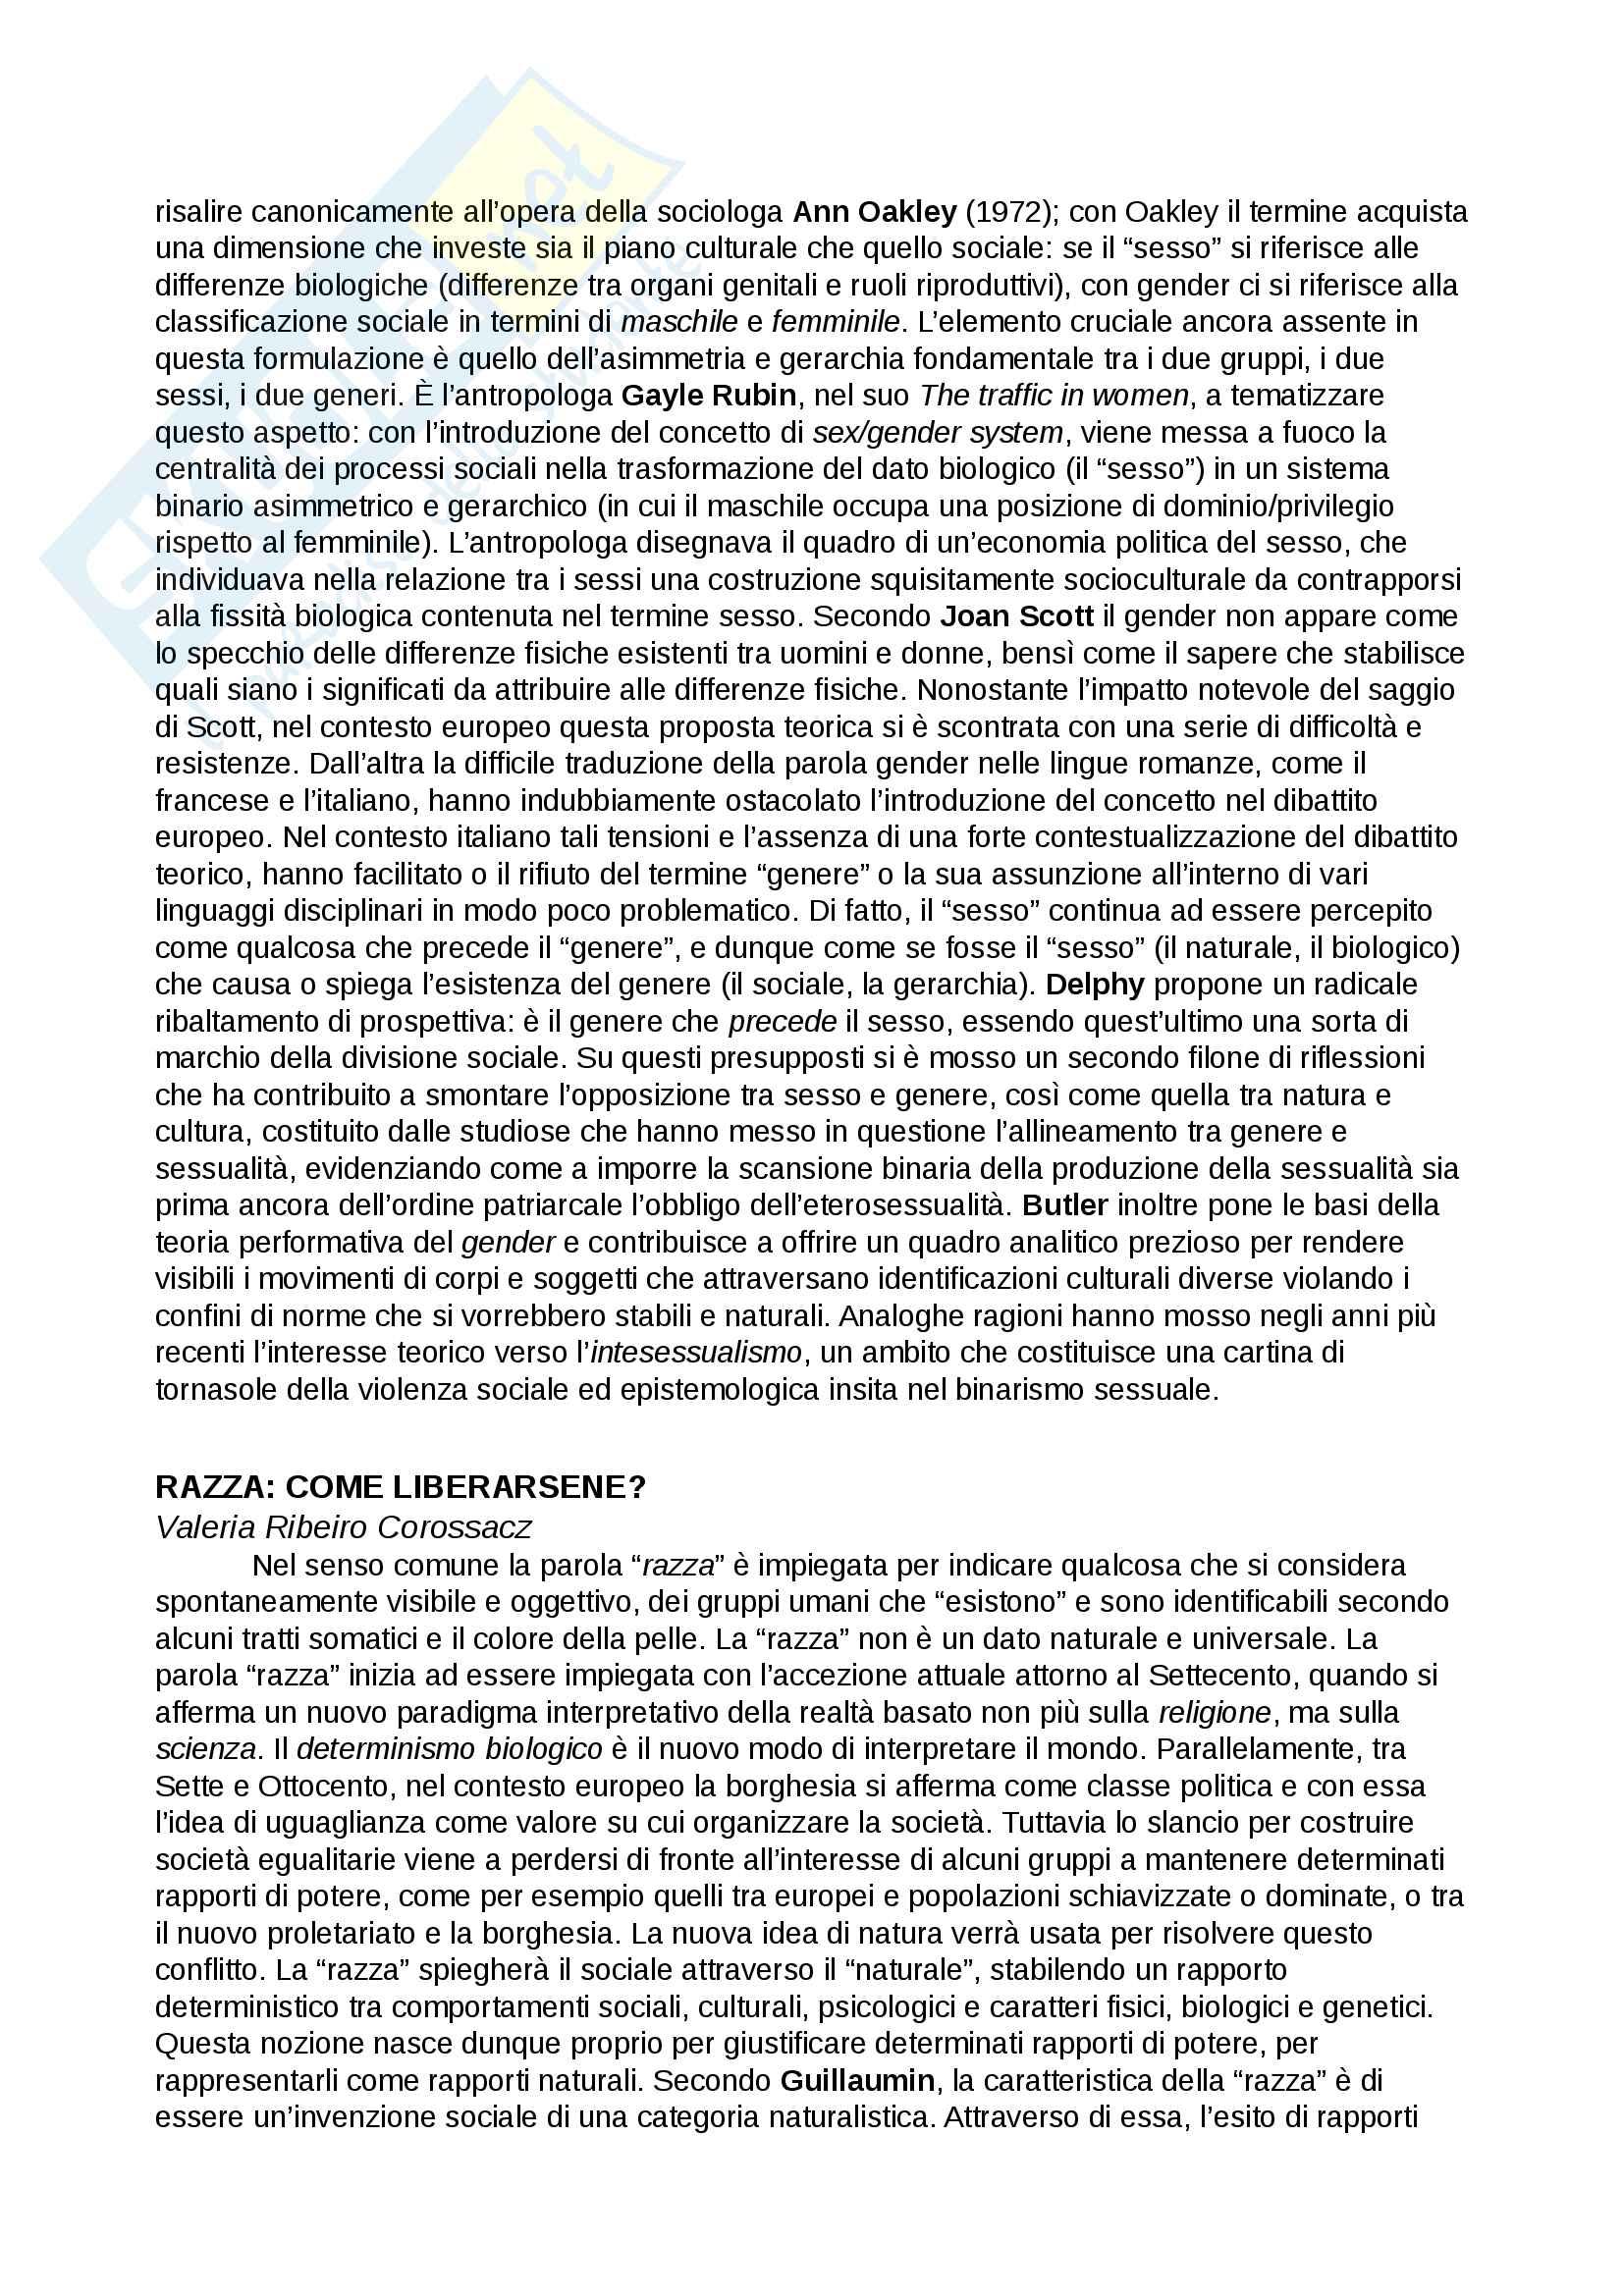 Riassunto esame Studi di genere, Prof. Romeo, libro consigliato dispensa del corso Genere, razza e sessualità nello spazio pubblico, AA.VV. Pag. 6